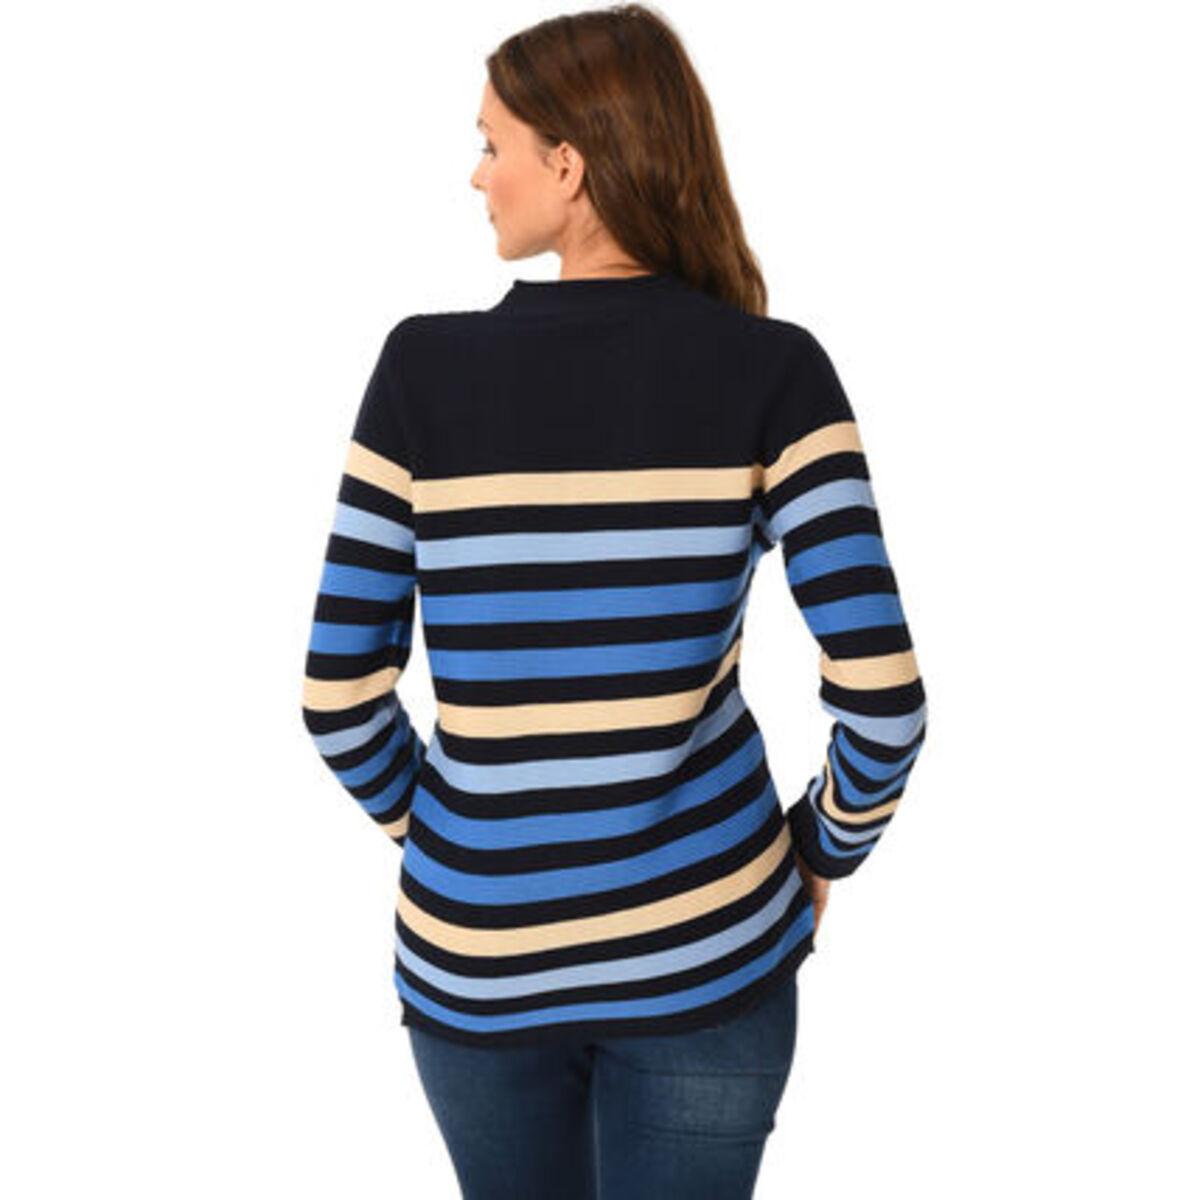 Bild 2 von Adagio Pullover, Baumwoll-Mix, Rundhalsausschnitt, Streifen-Muster, für Damen